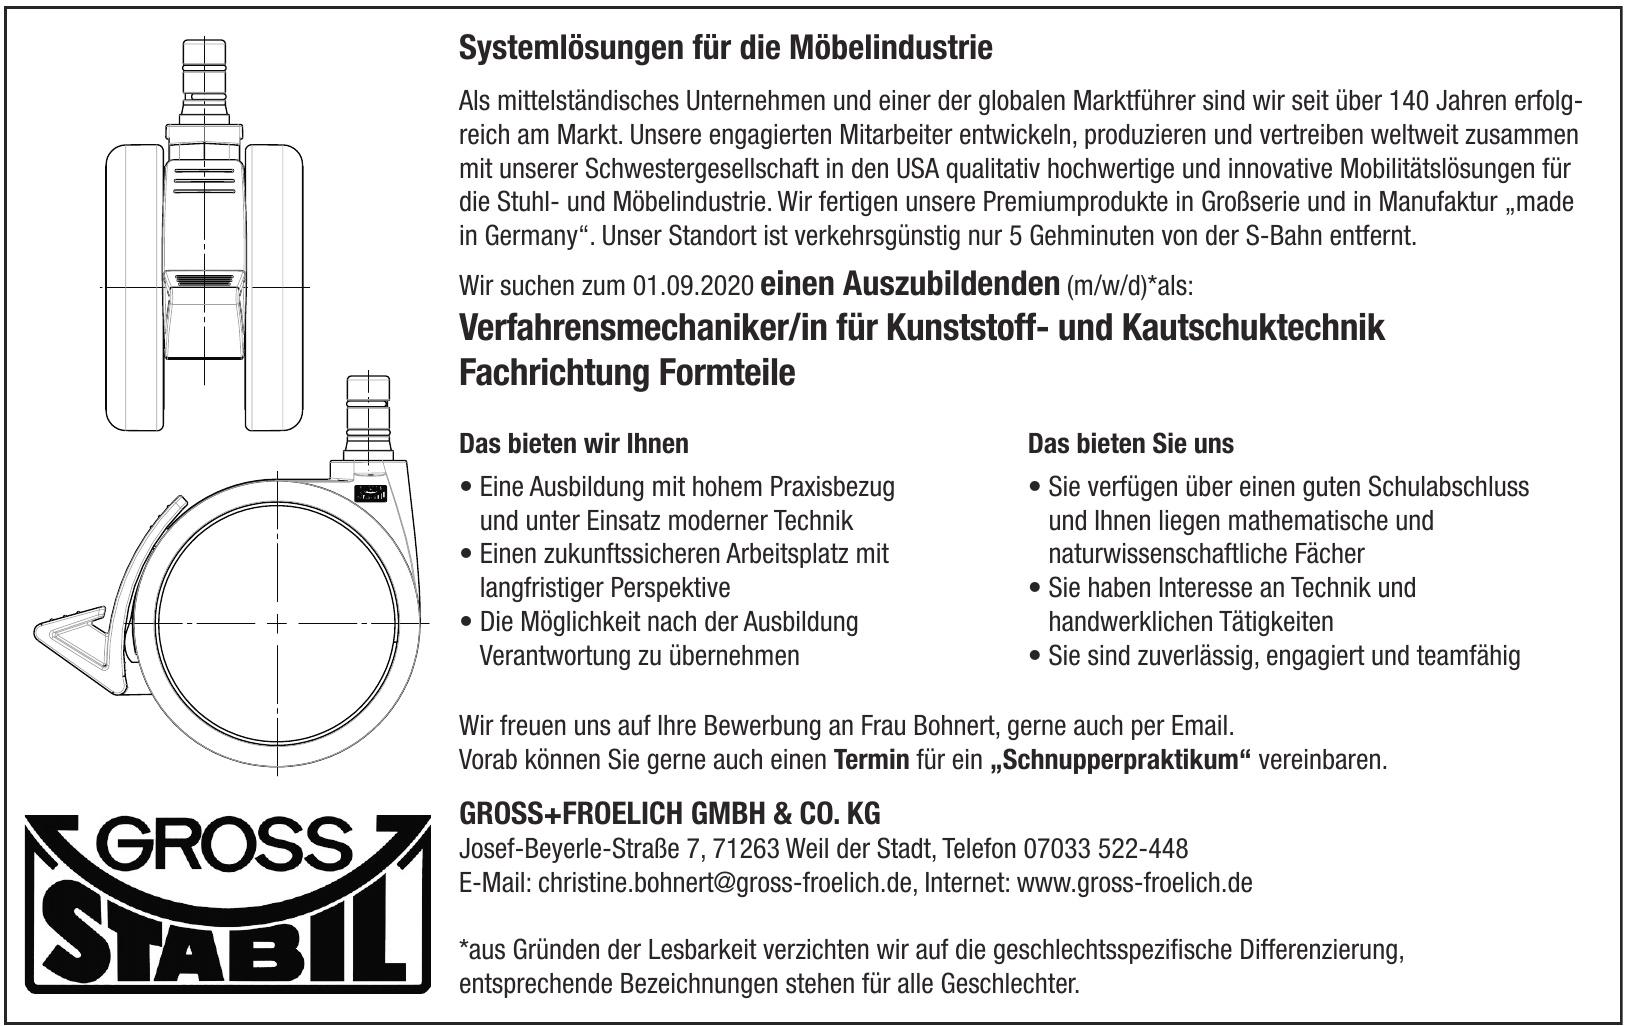 Gross + Froelich GmbH & Co. KG